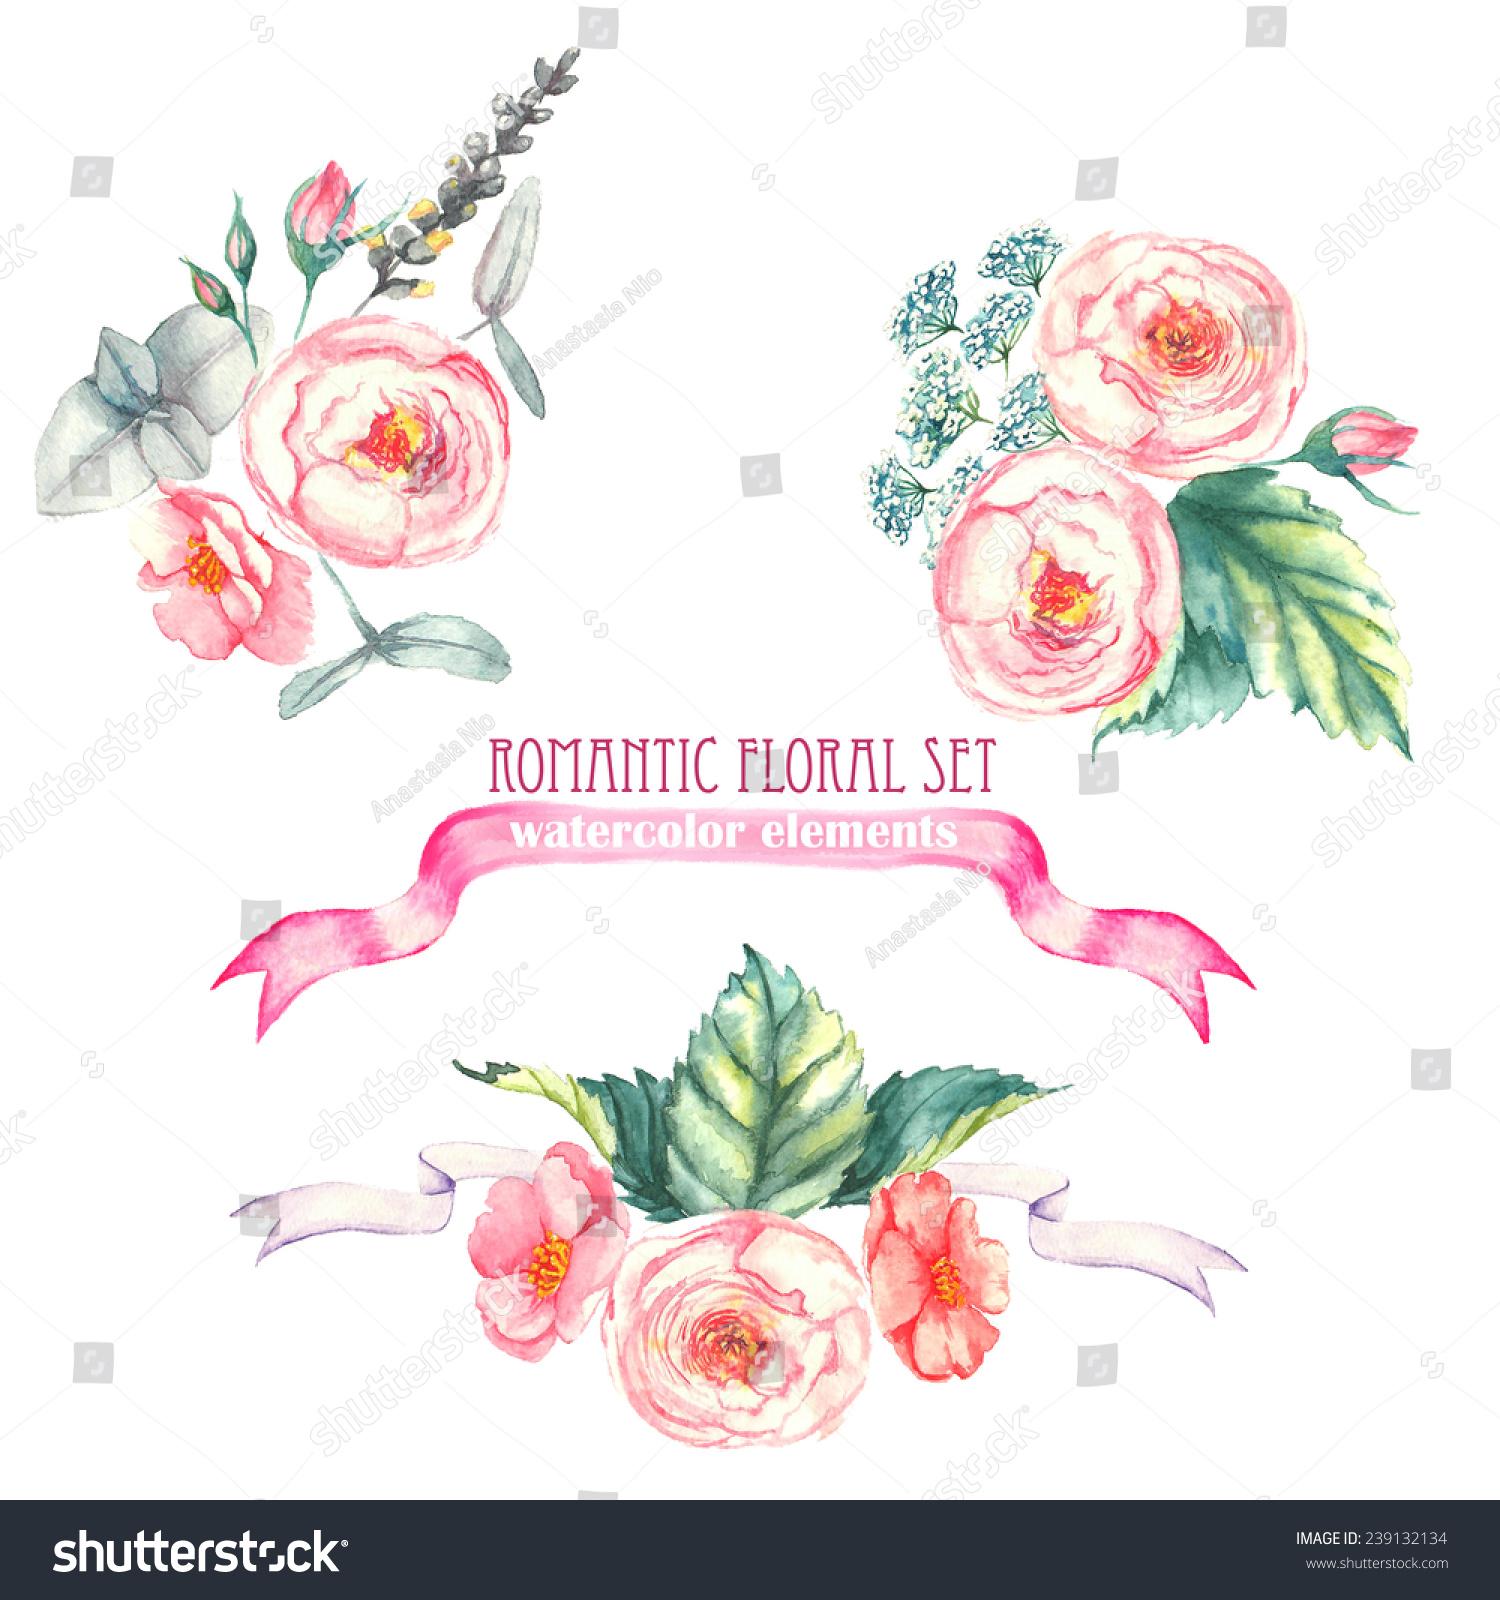 手绘水彩孤立浪漫花香成分与粉色的玫瑰,叶子和其他花